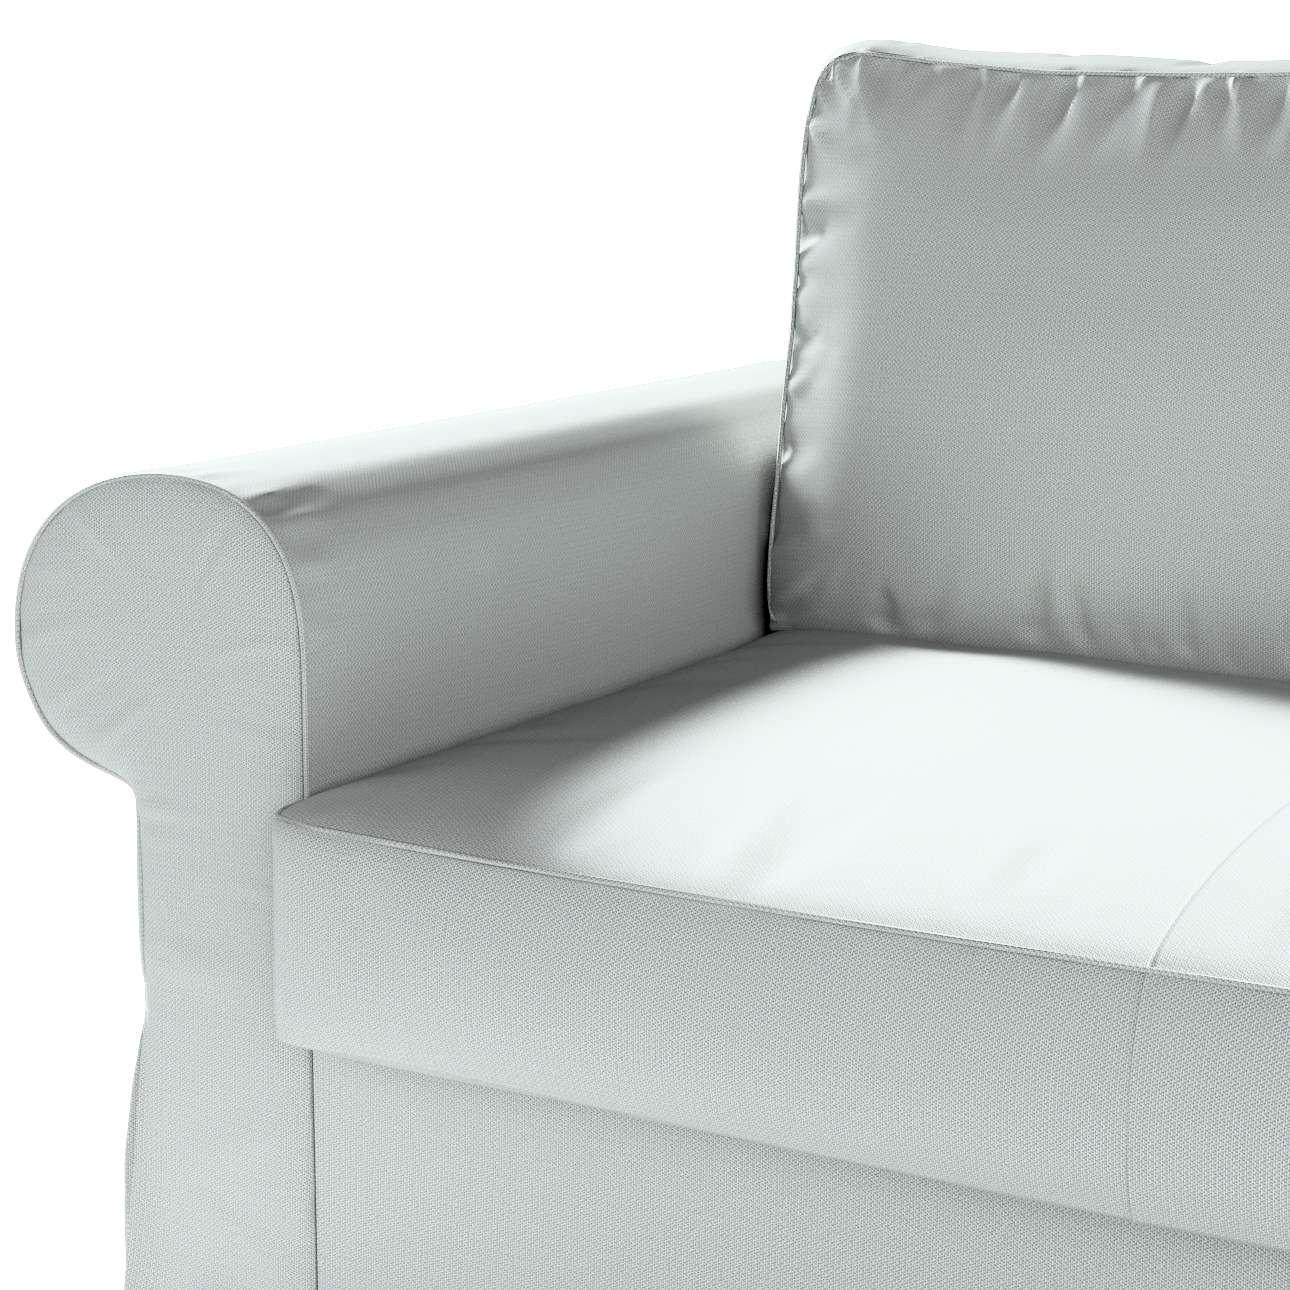 Bezug für Backabro 2-Sitzer Sofa ausklappbar von der Kollektion Bergen, Stoff: 161-72